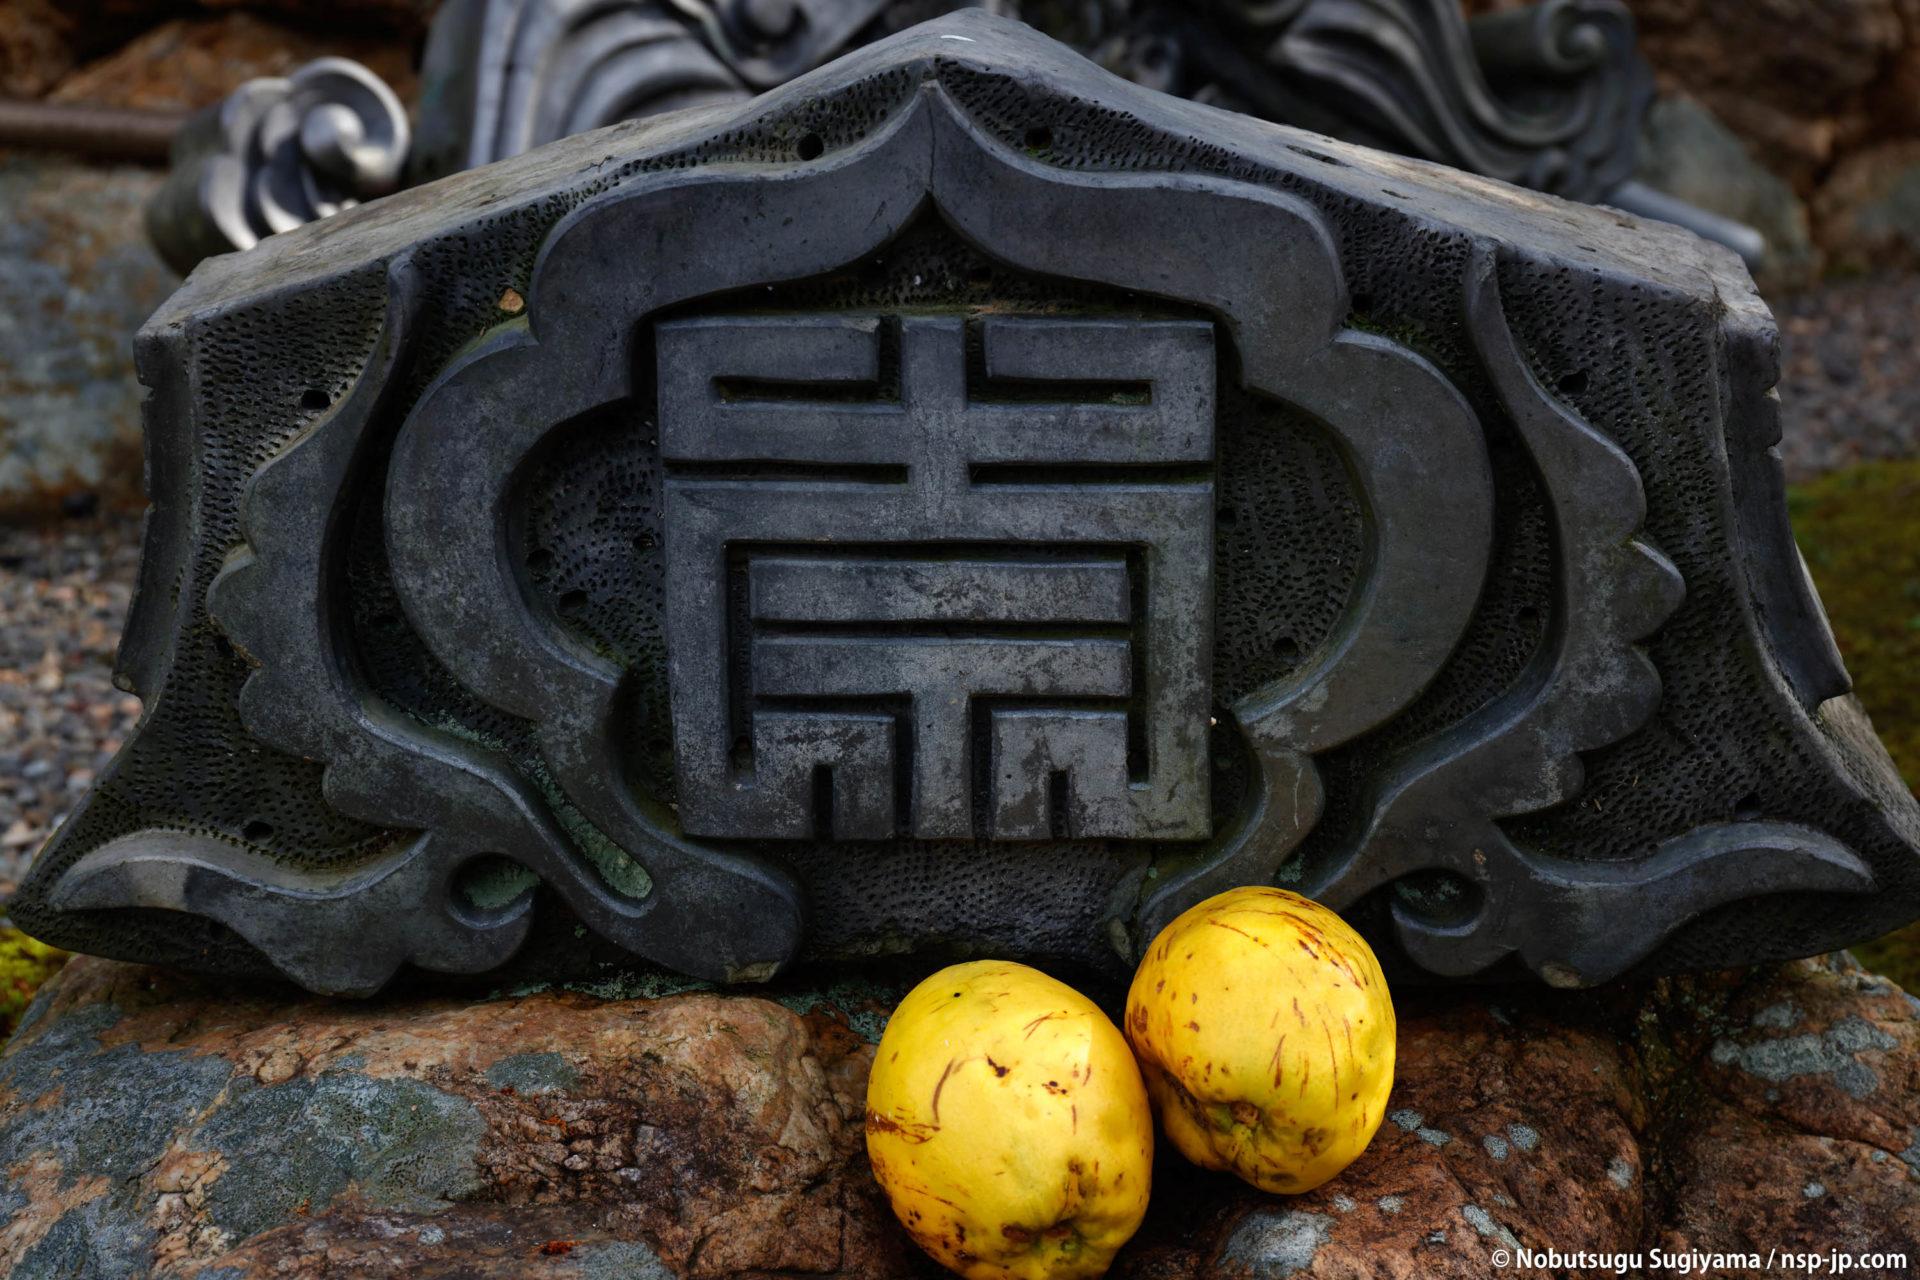 崇福寺-稲葉一鉄寄進の梵鐘 | 岐阜 故郷巡礼 by 杉山宣嗣